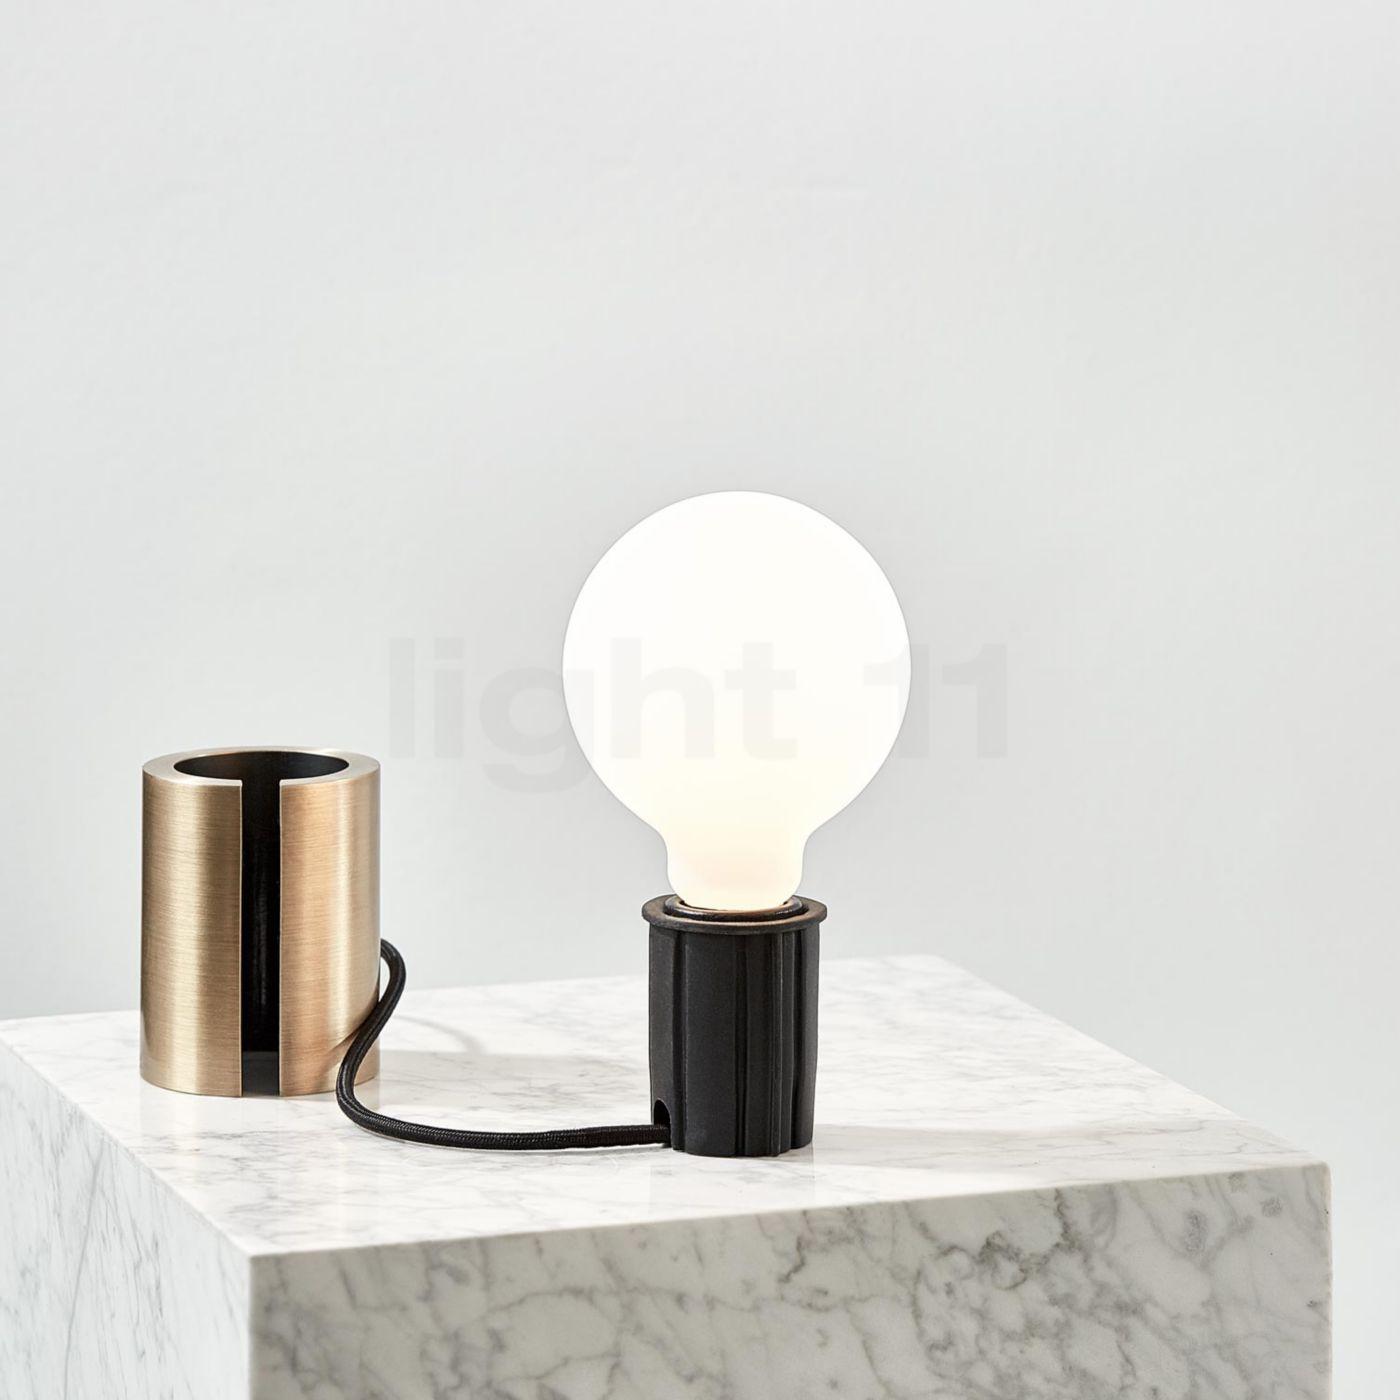 t socket s opener improvement replacement garage door products lighting wholesale home genie light